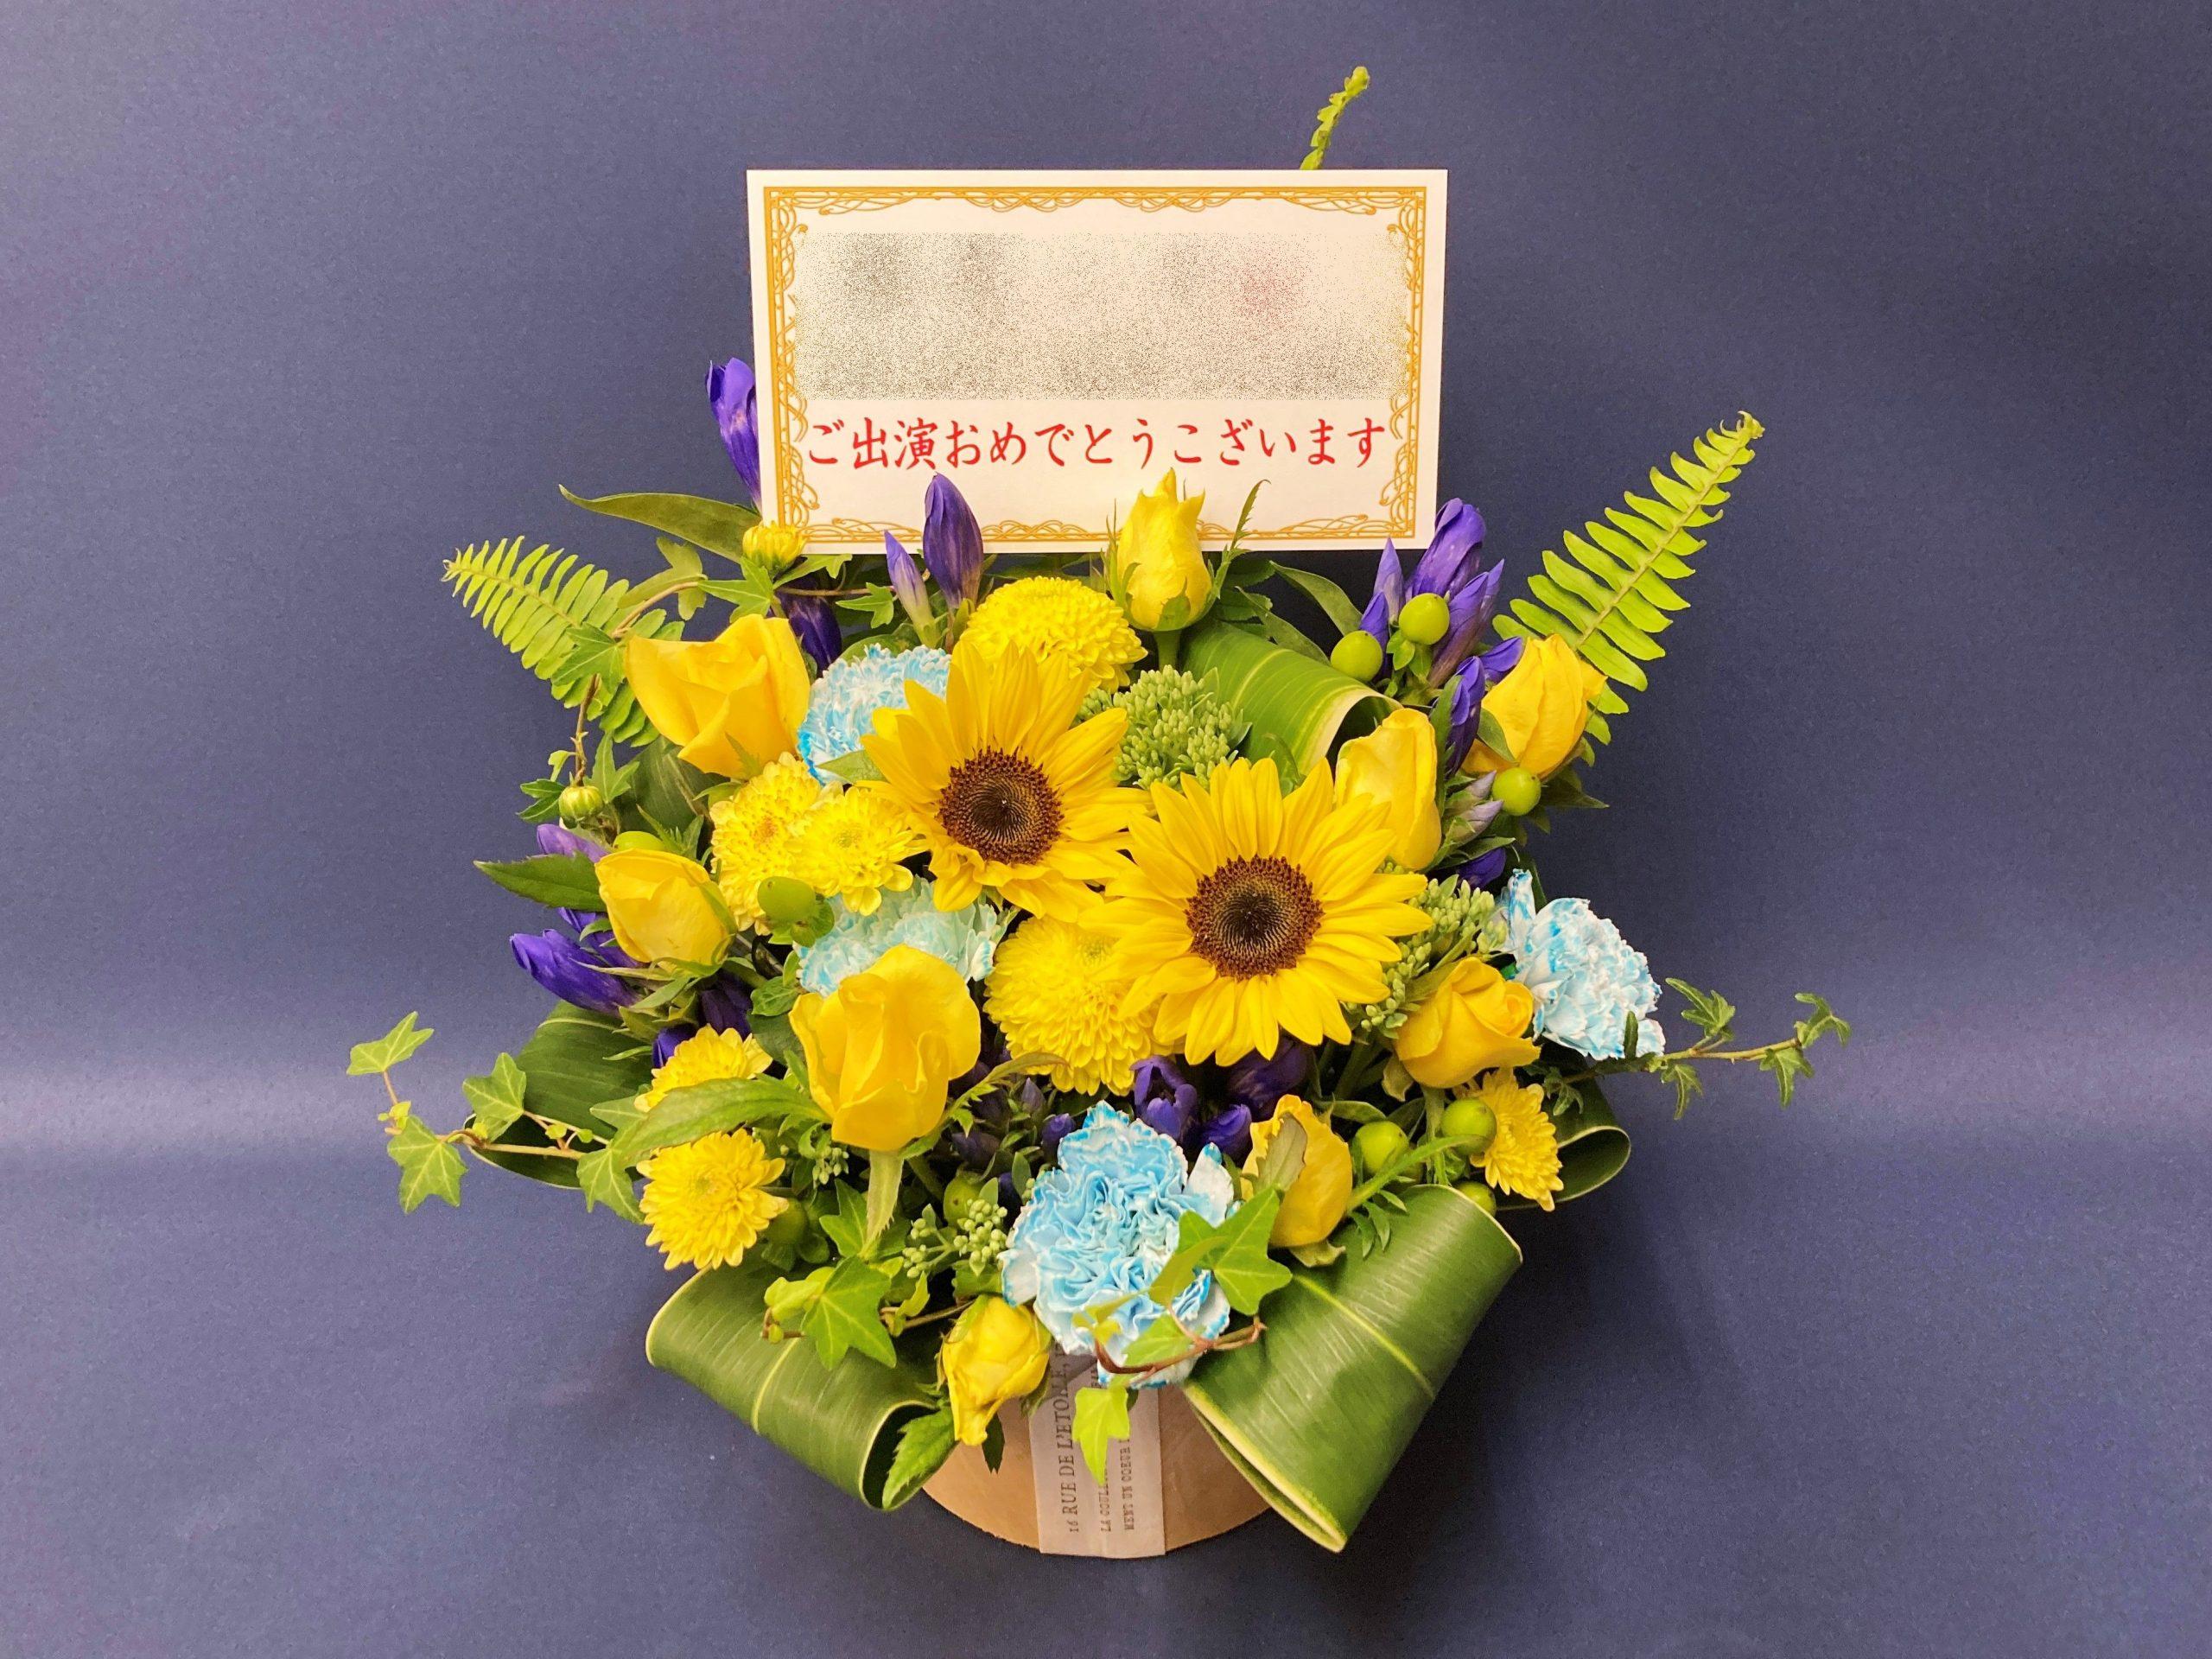 横浜市中区山下町へフラワーアレンジメントを即日当日配達しました。【横浜花屋の花束・スタンド花・胡蝶蘭・バルーン・アレンジメント配達事例960】